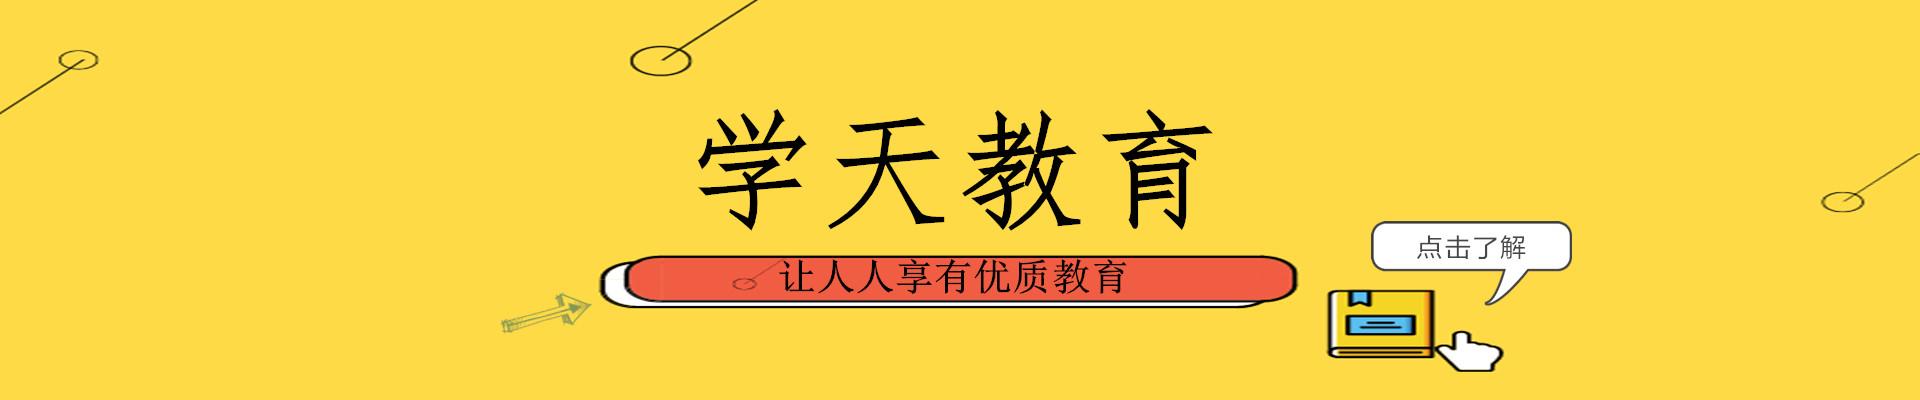 重庆市江北区学天教育培训